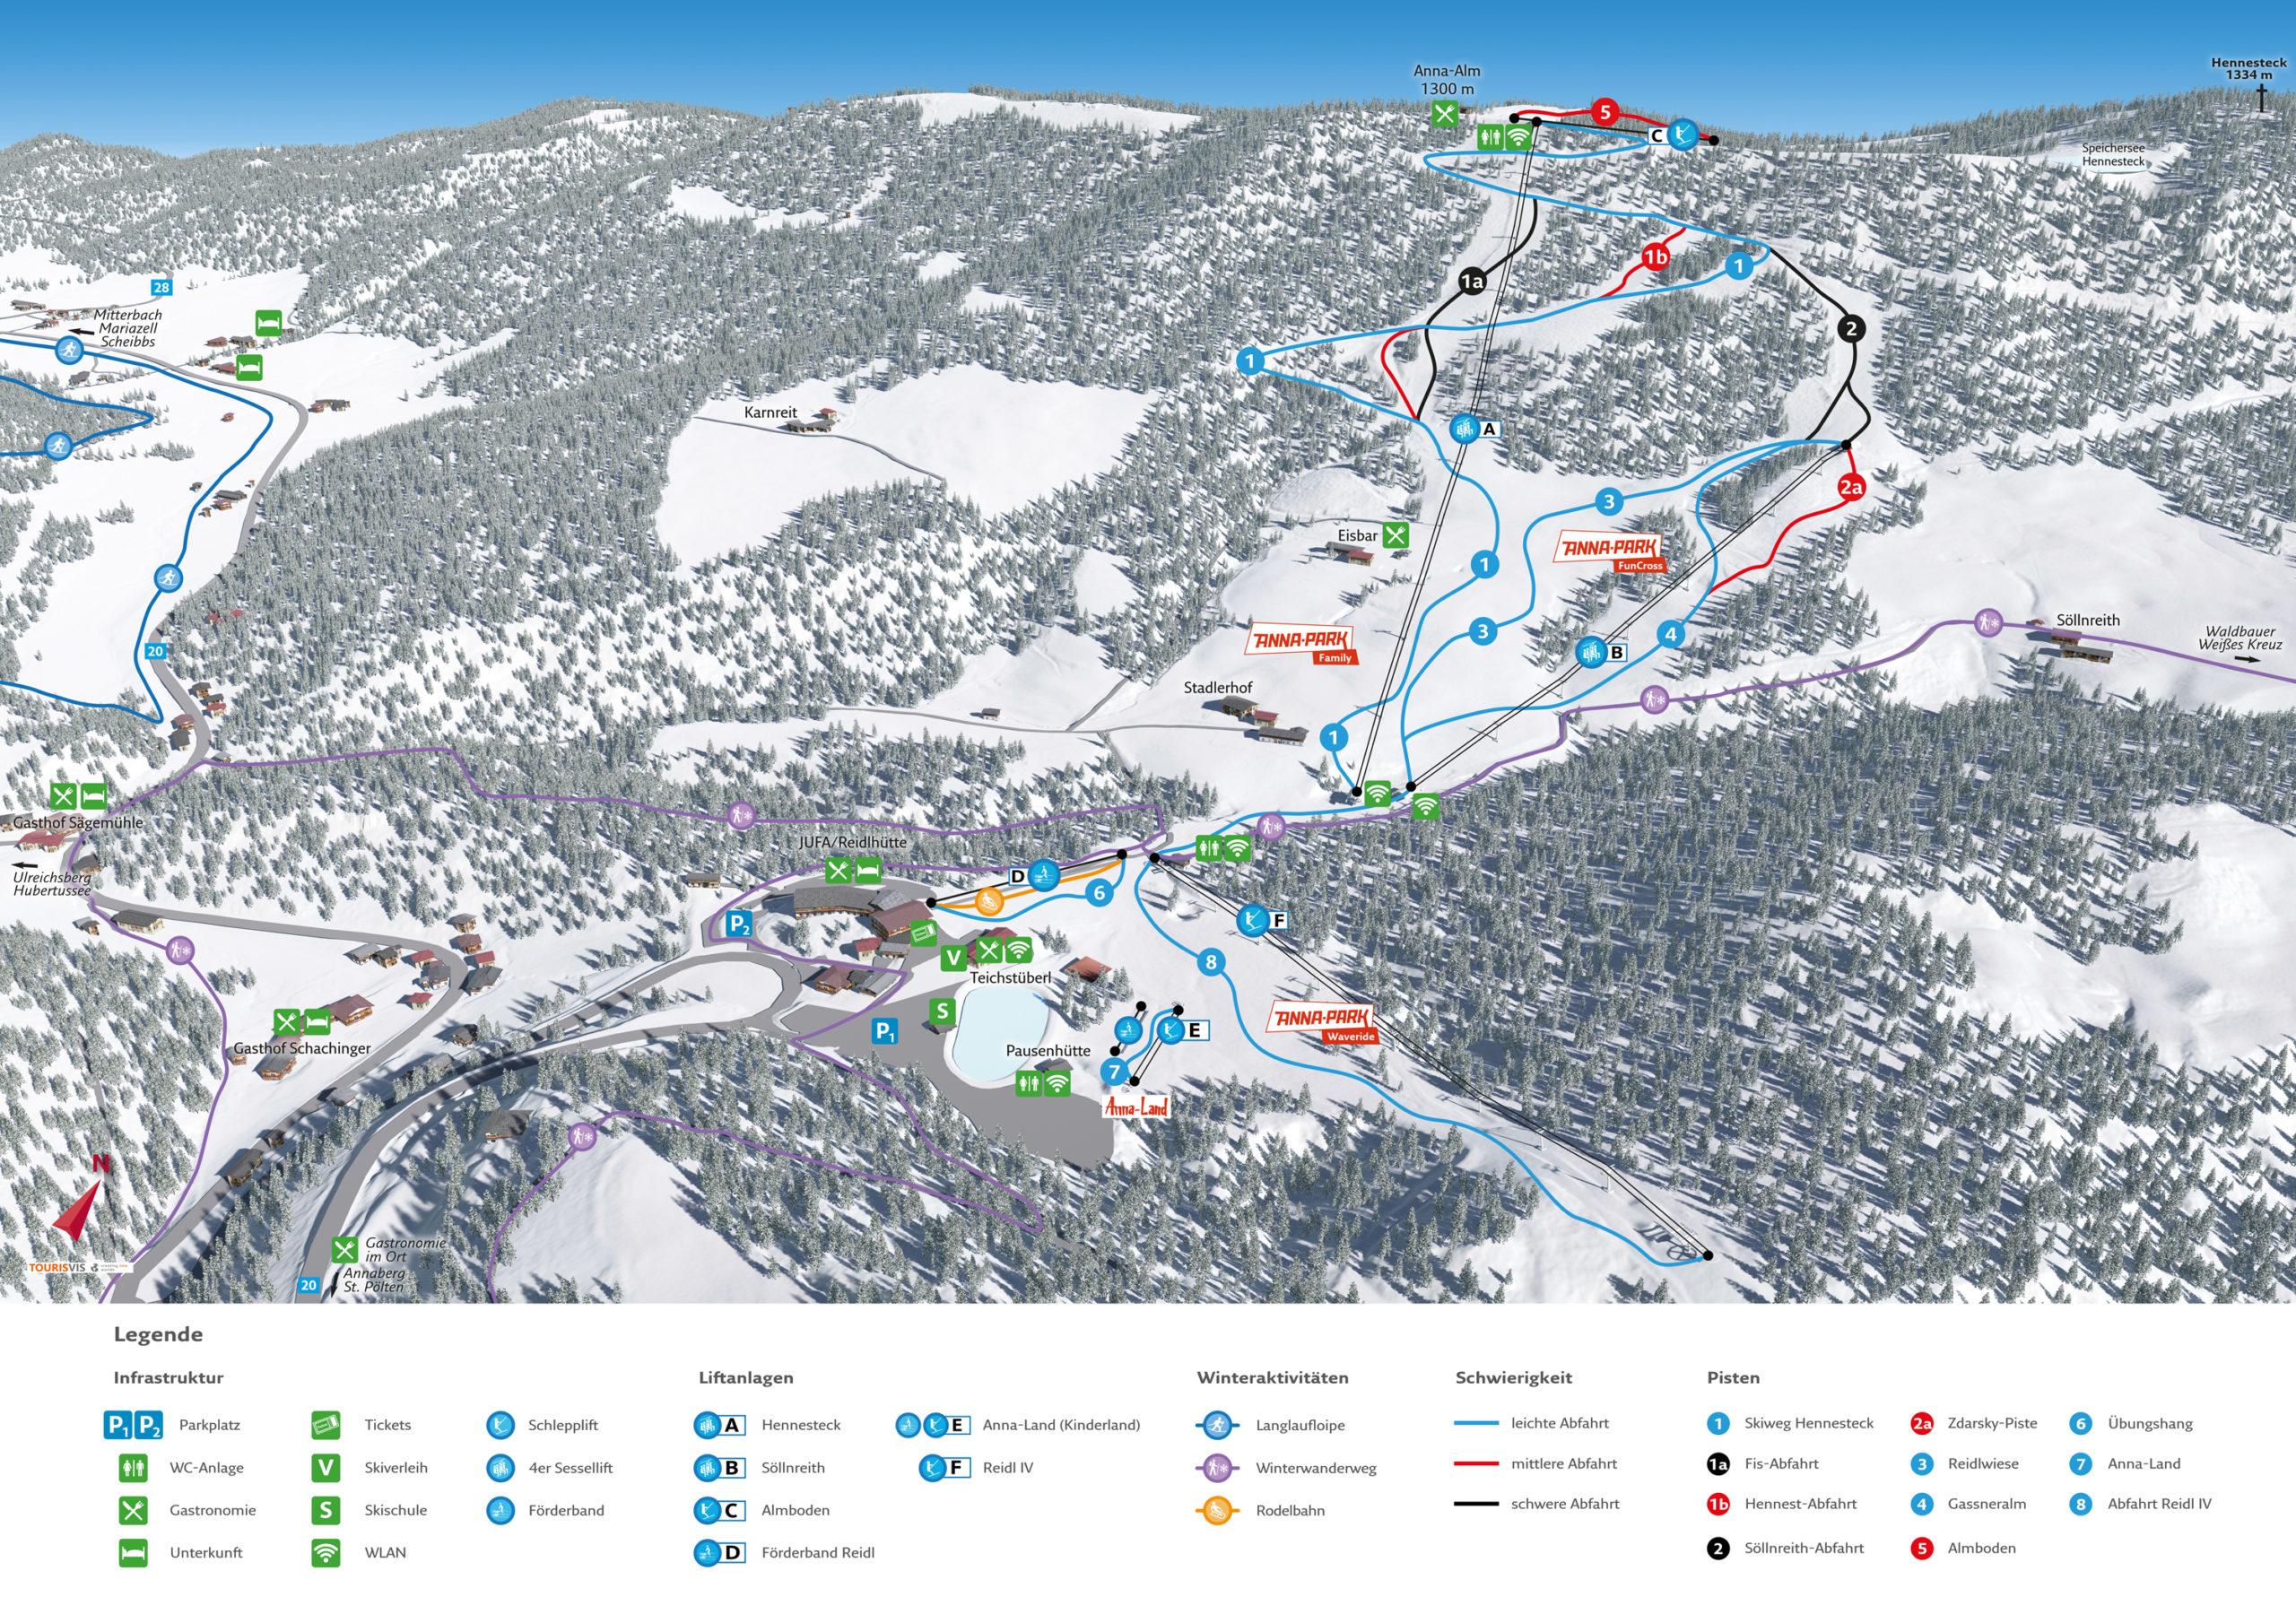 3D Panoramakarte - Winteraktivitäten - Hennesteck Niederösterreich